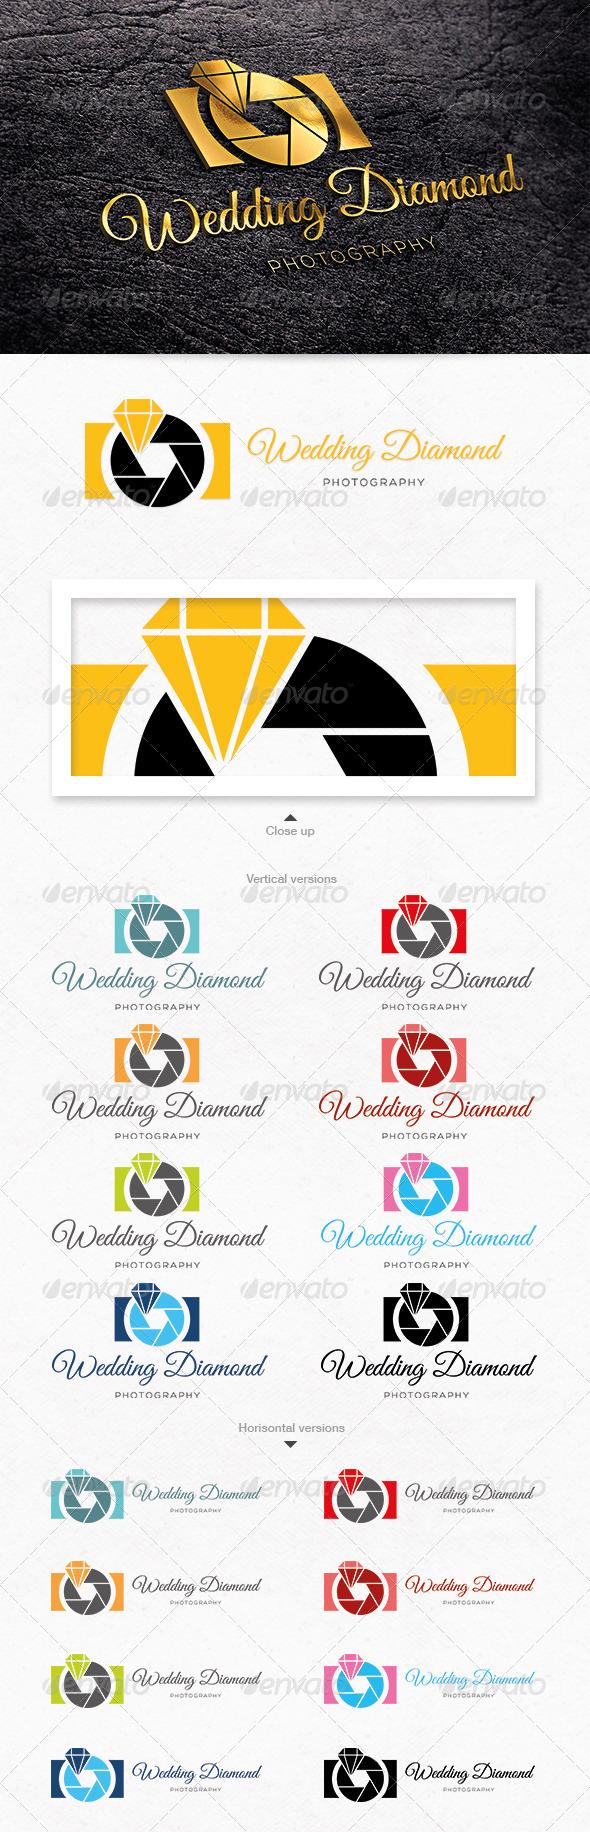 stylish-wedding-photography-logo